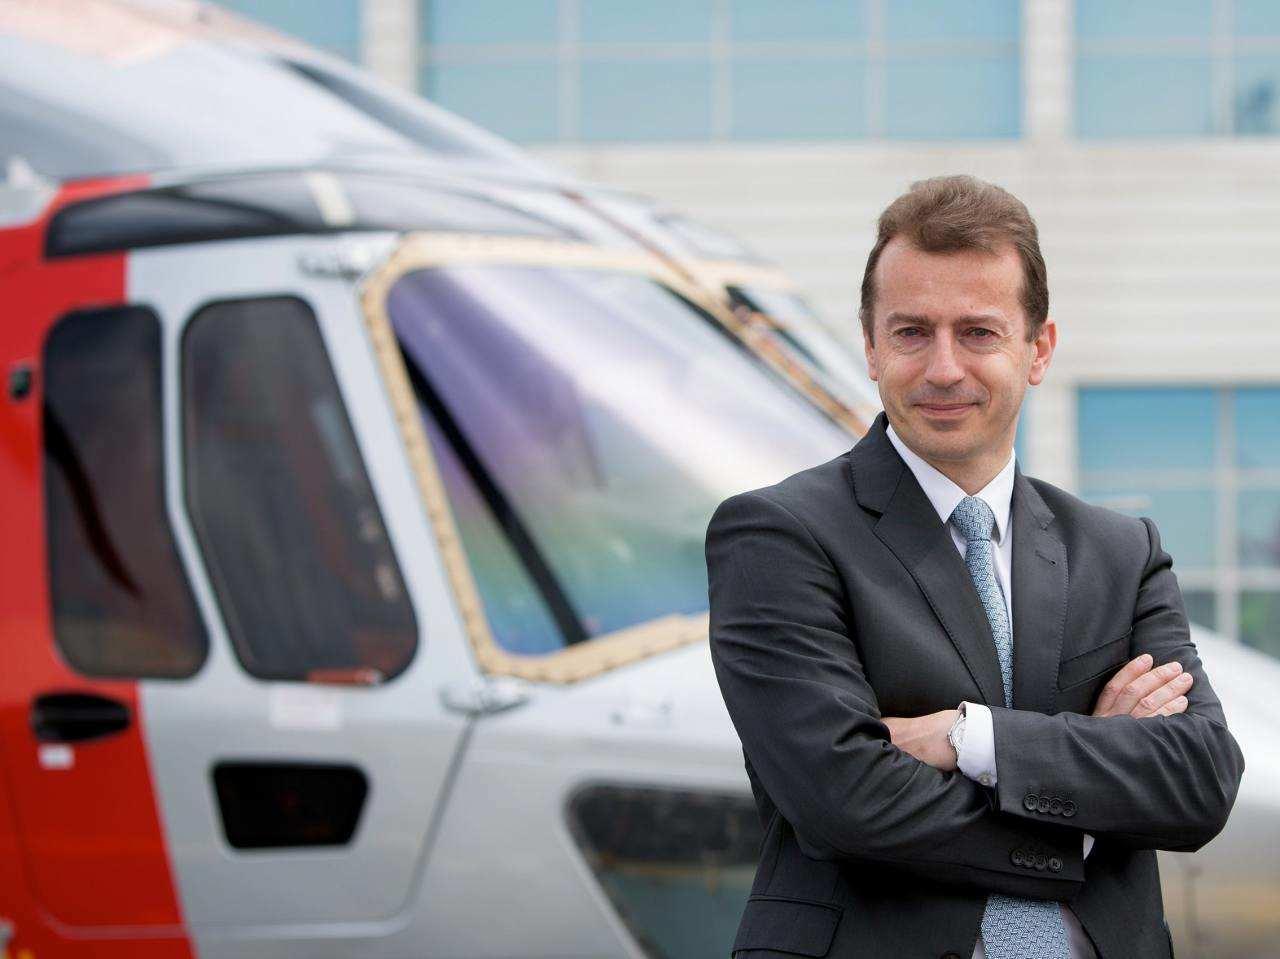 Airbus announces top management changes